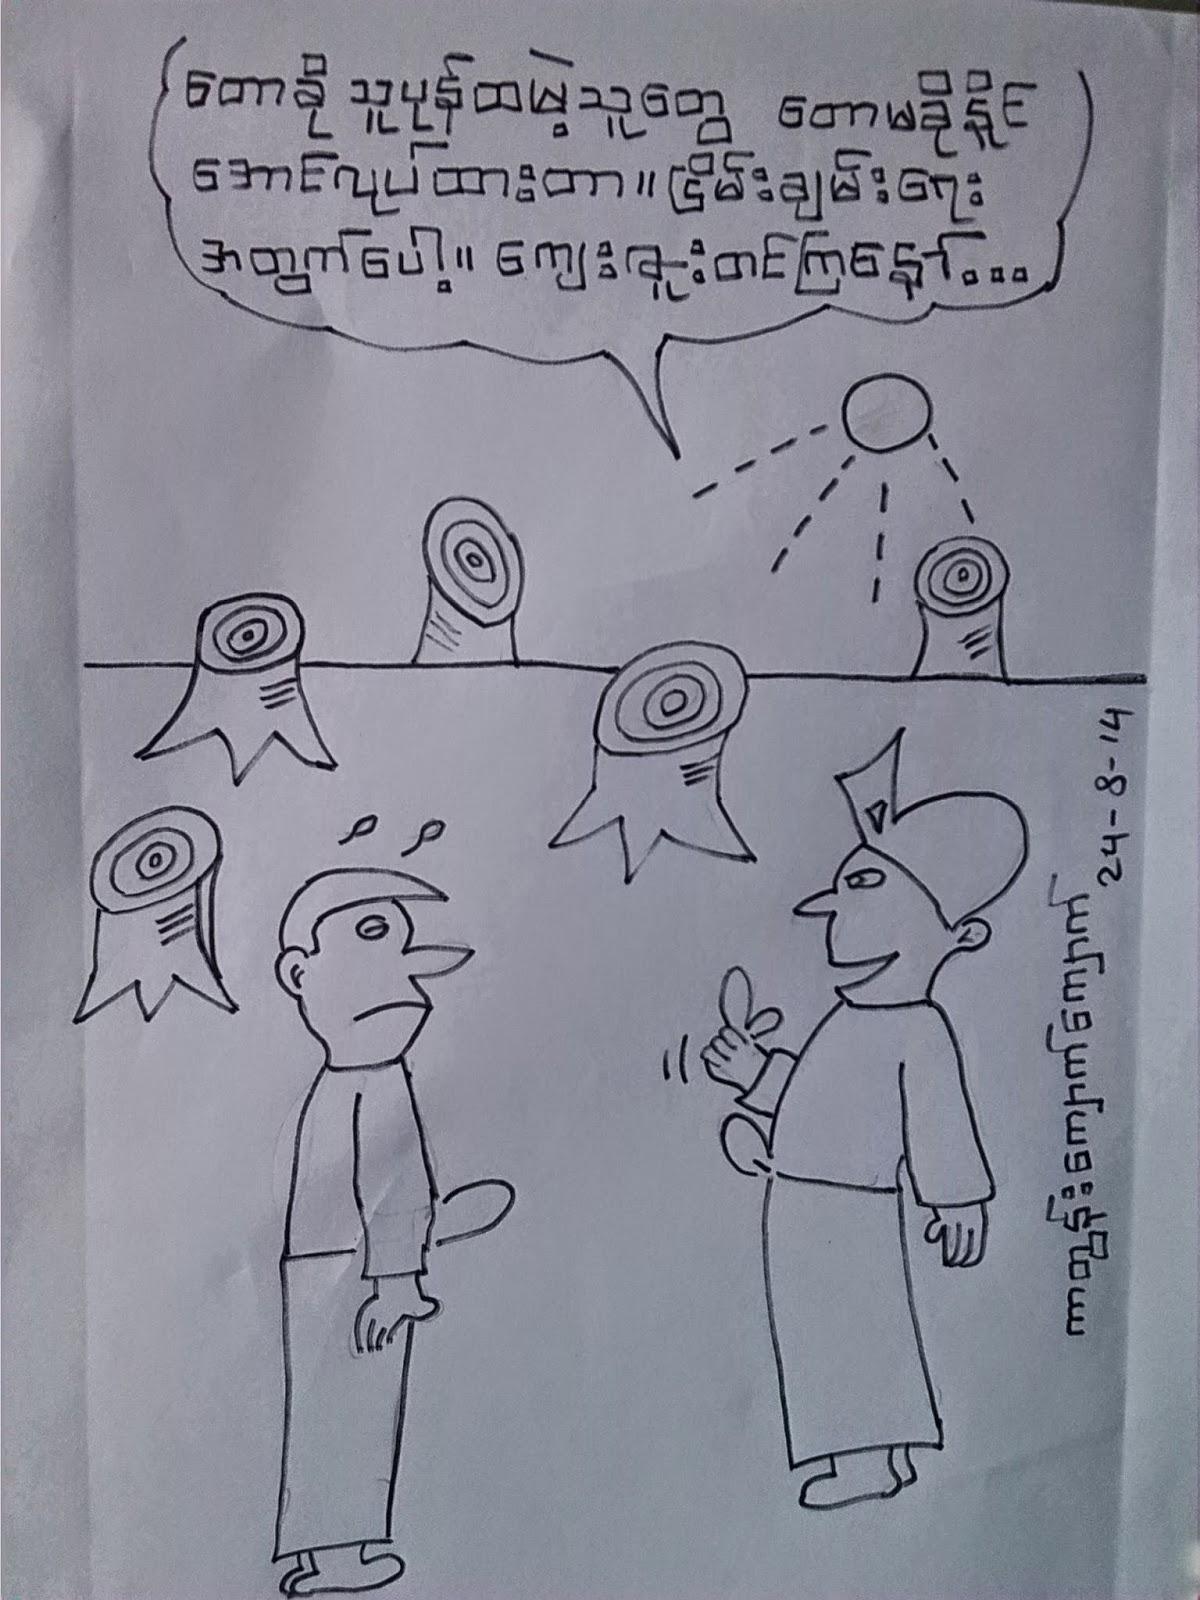 ကာတြန္းေက်ာက္ေက်ာက္ - ျငိမ္္းခ်မ္းေသာ အရိပ္ေအာက္မွာ